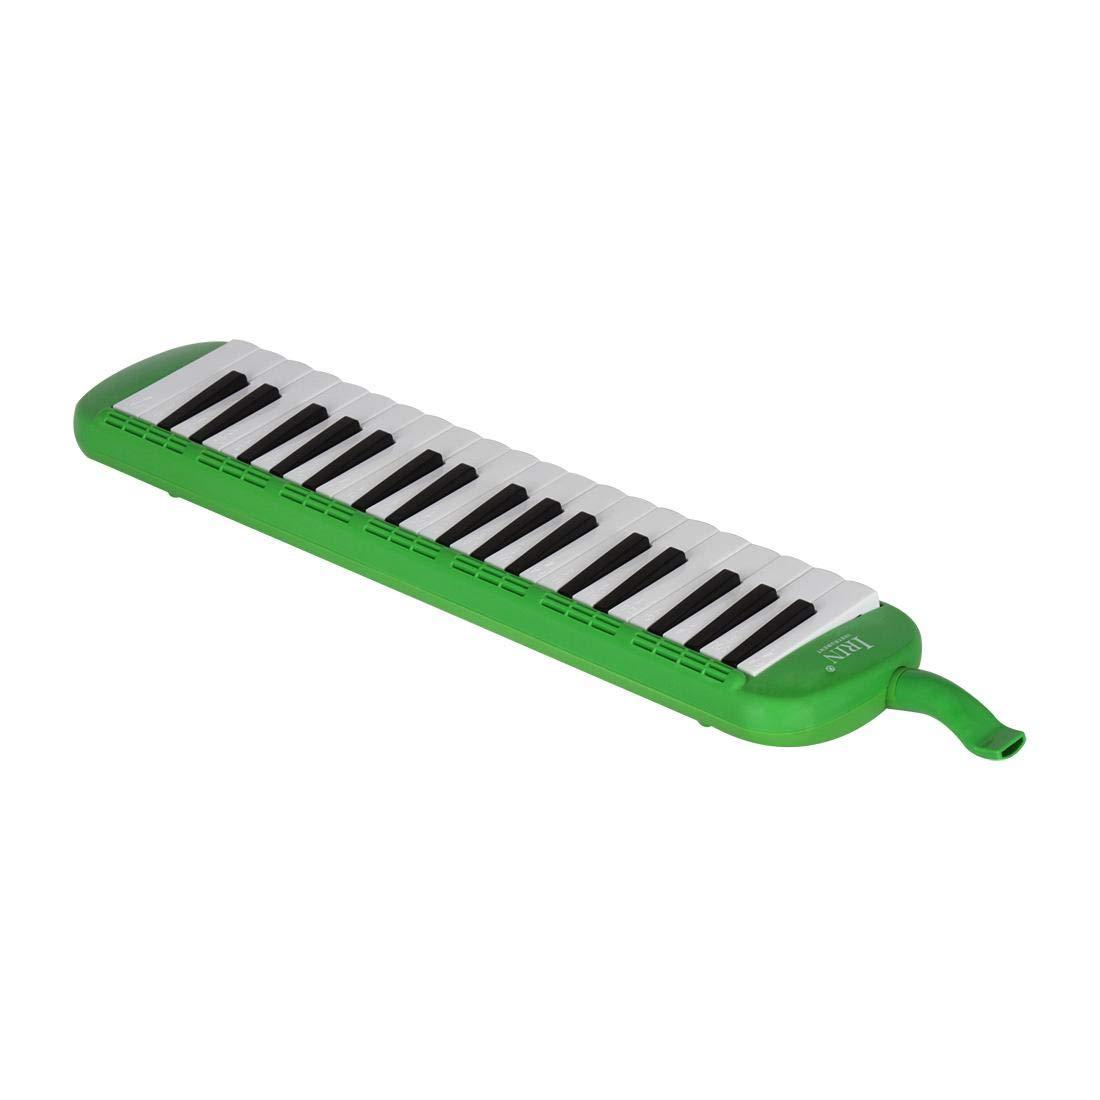 Mel/ódica Melodica para Ni/ños,37 Teclas Mel/ódica Plastico Kit de Instrumentos Musicales de Juguete con Boquilla con Bolsa de Transporte para Estudiantes Principiantes Regalo de Ni/ños